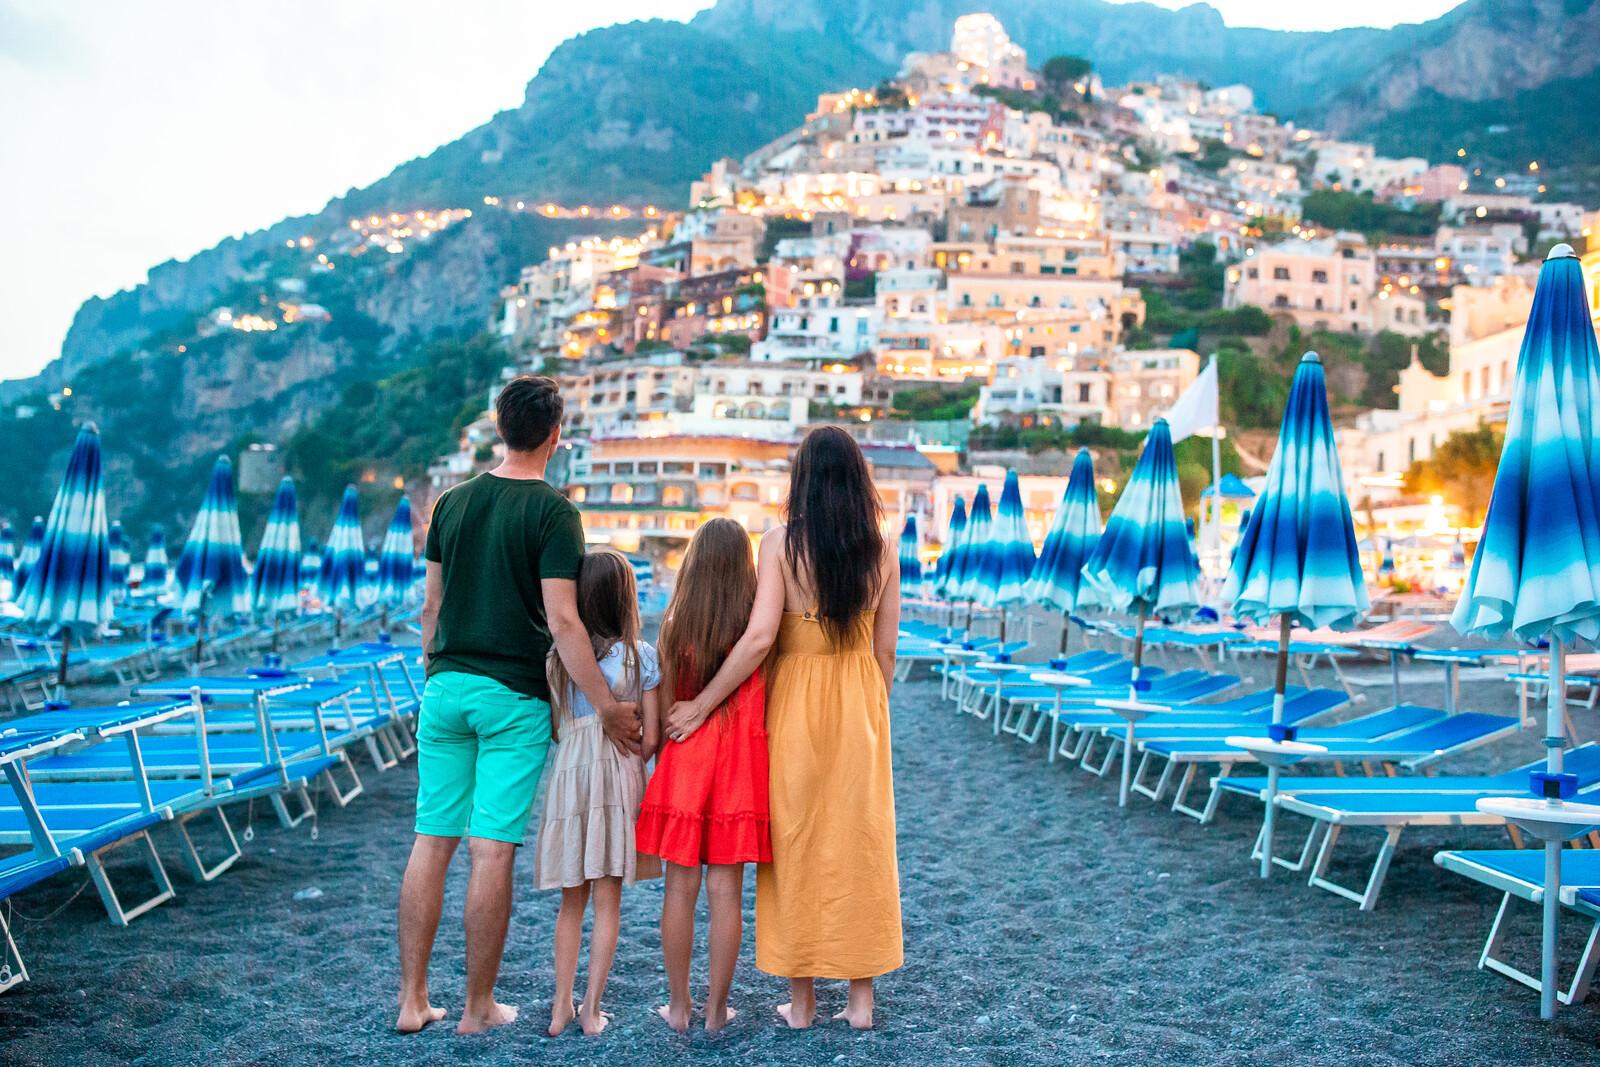 Family vacation in Rome Naples Amalfi Coast 10-day